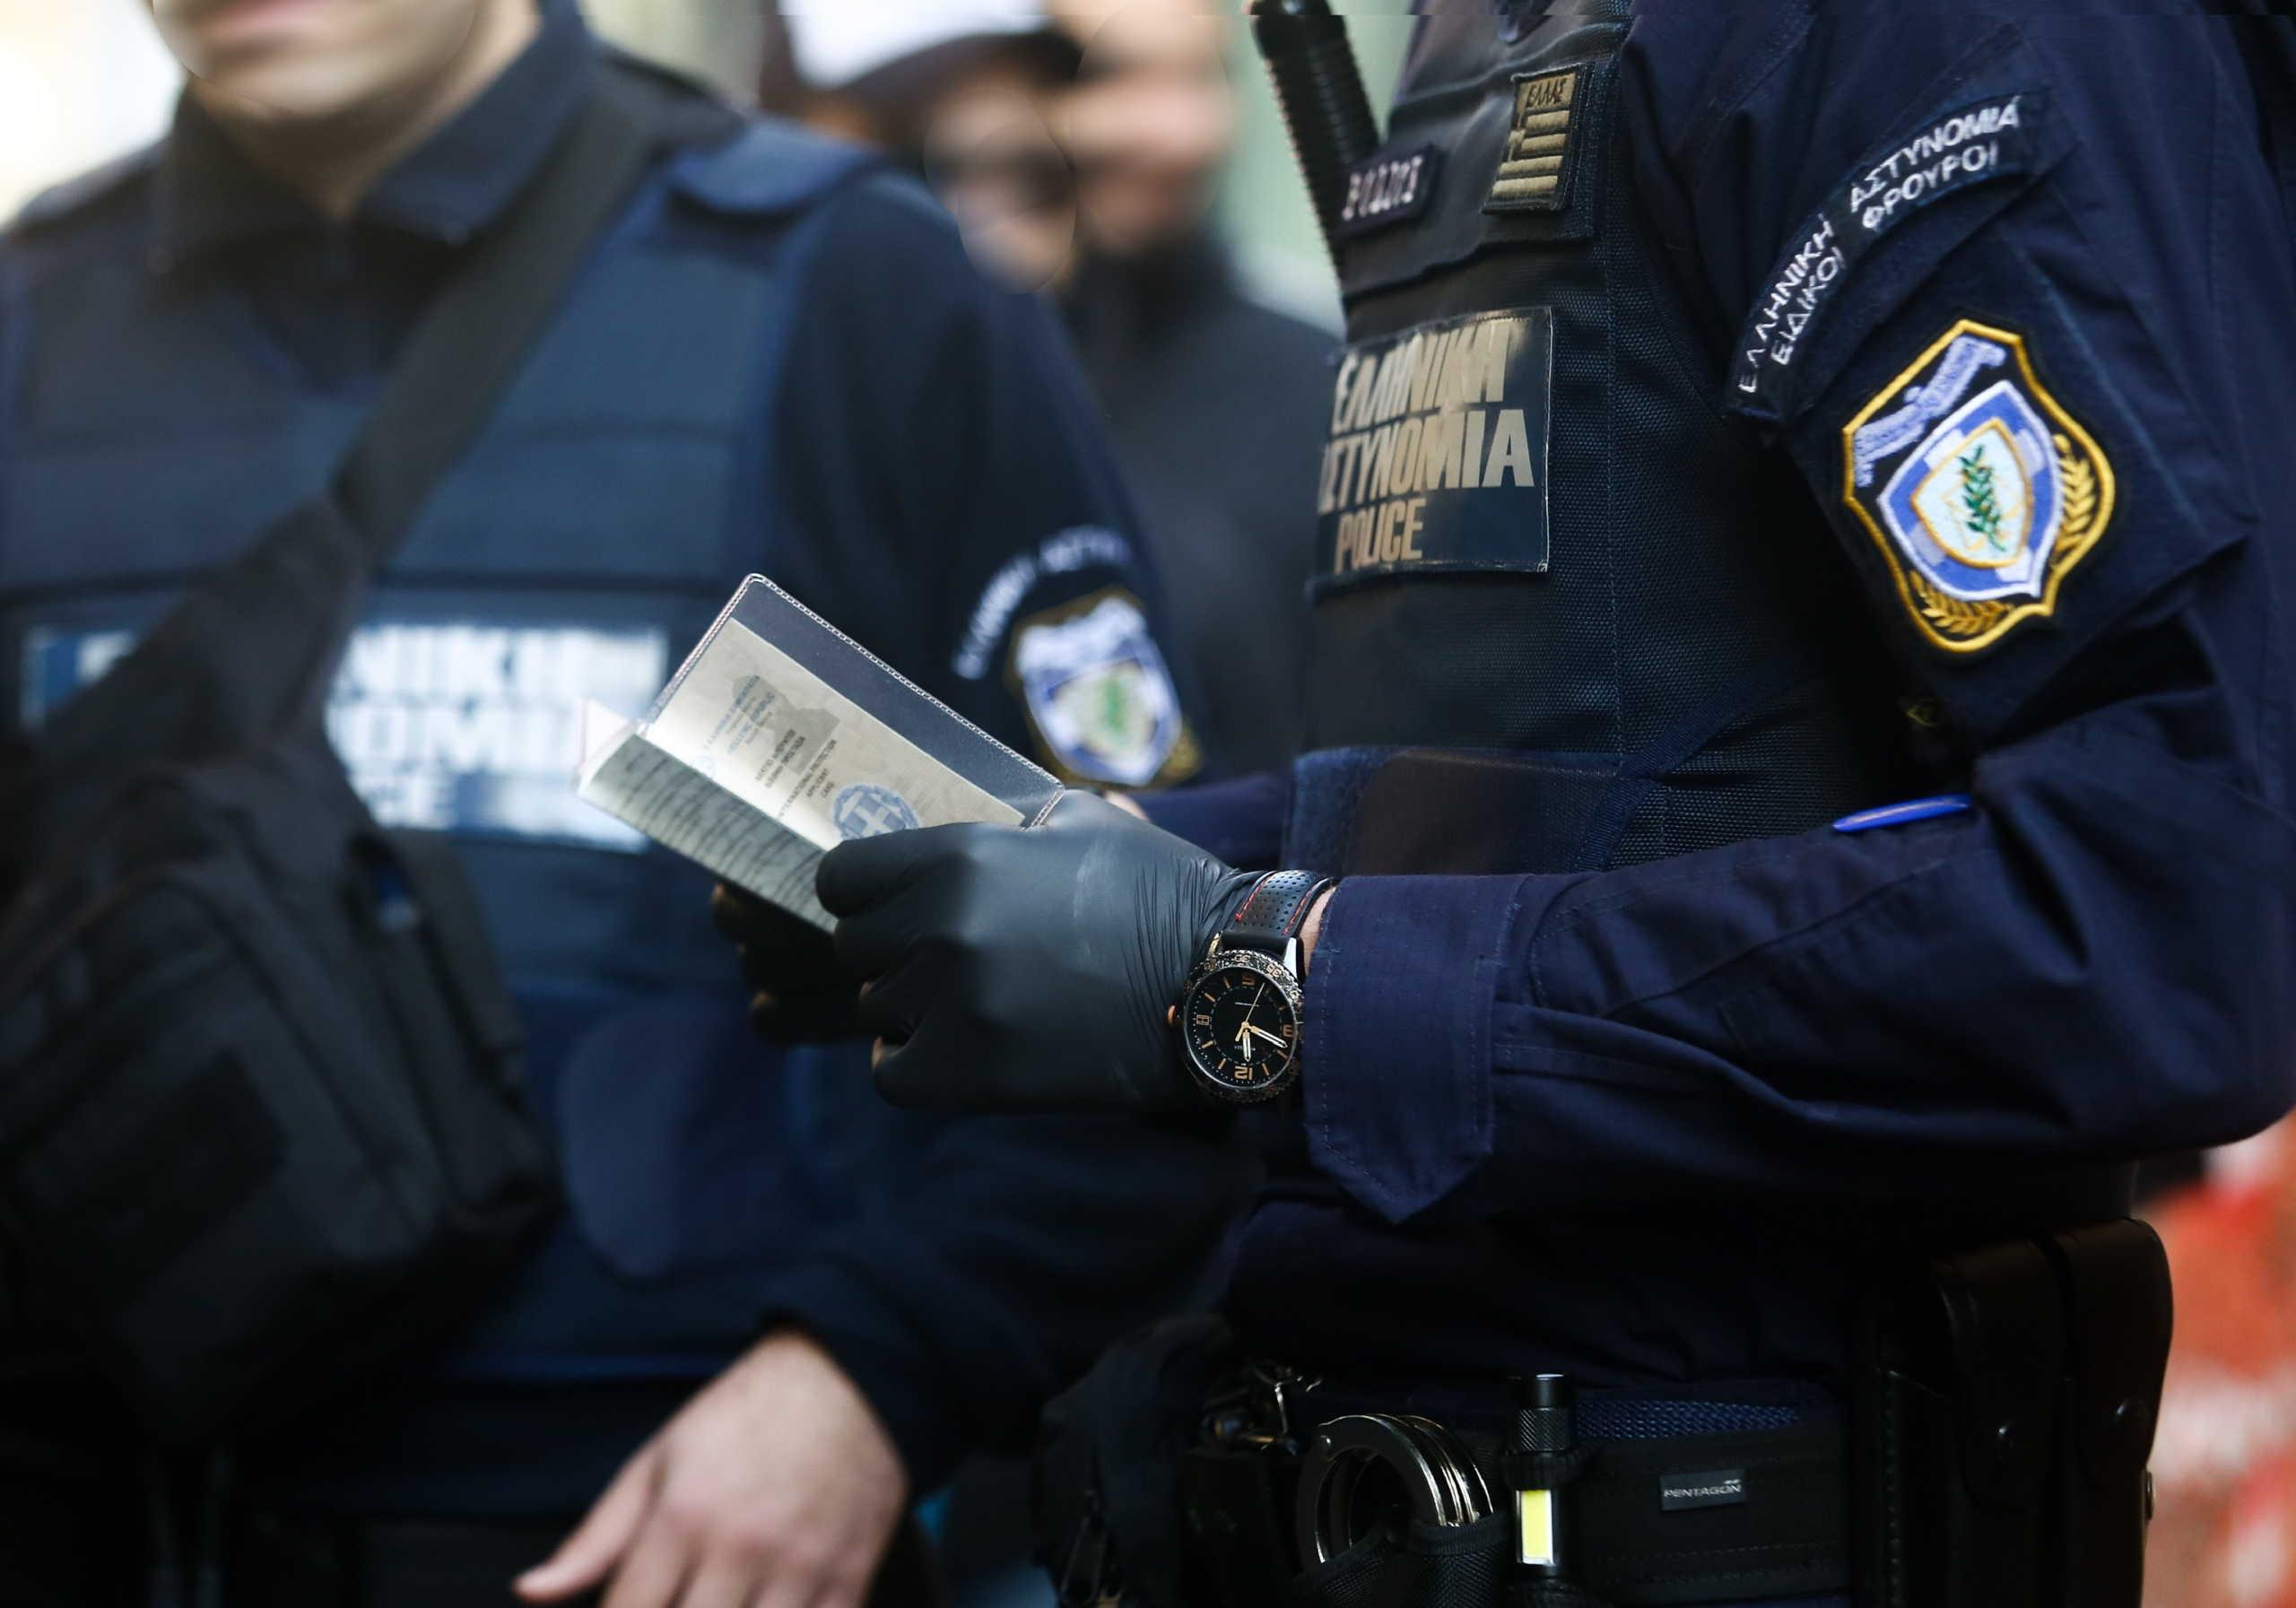 Συναγερμός για δεκάδες κρούσματα κορονοϊού σε αστυνομικούς της Δυτικής Ελλάδας!